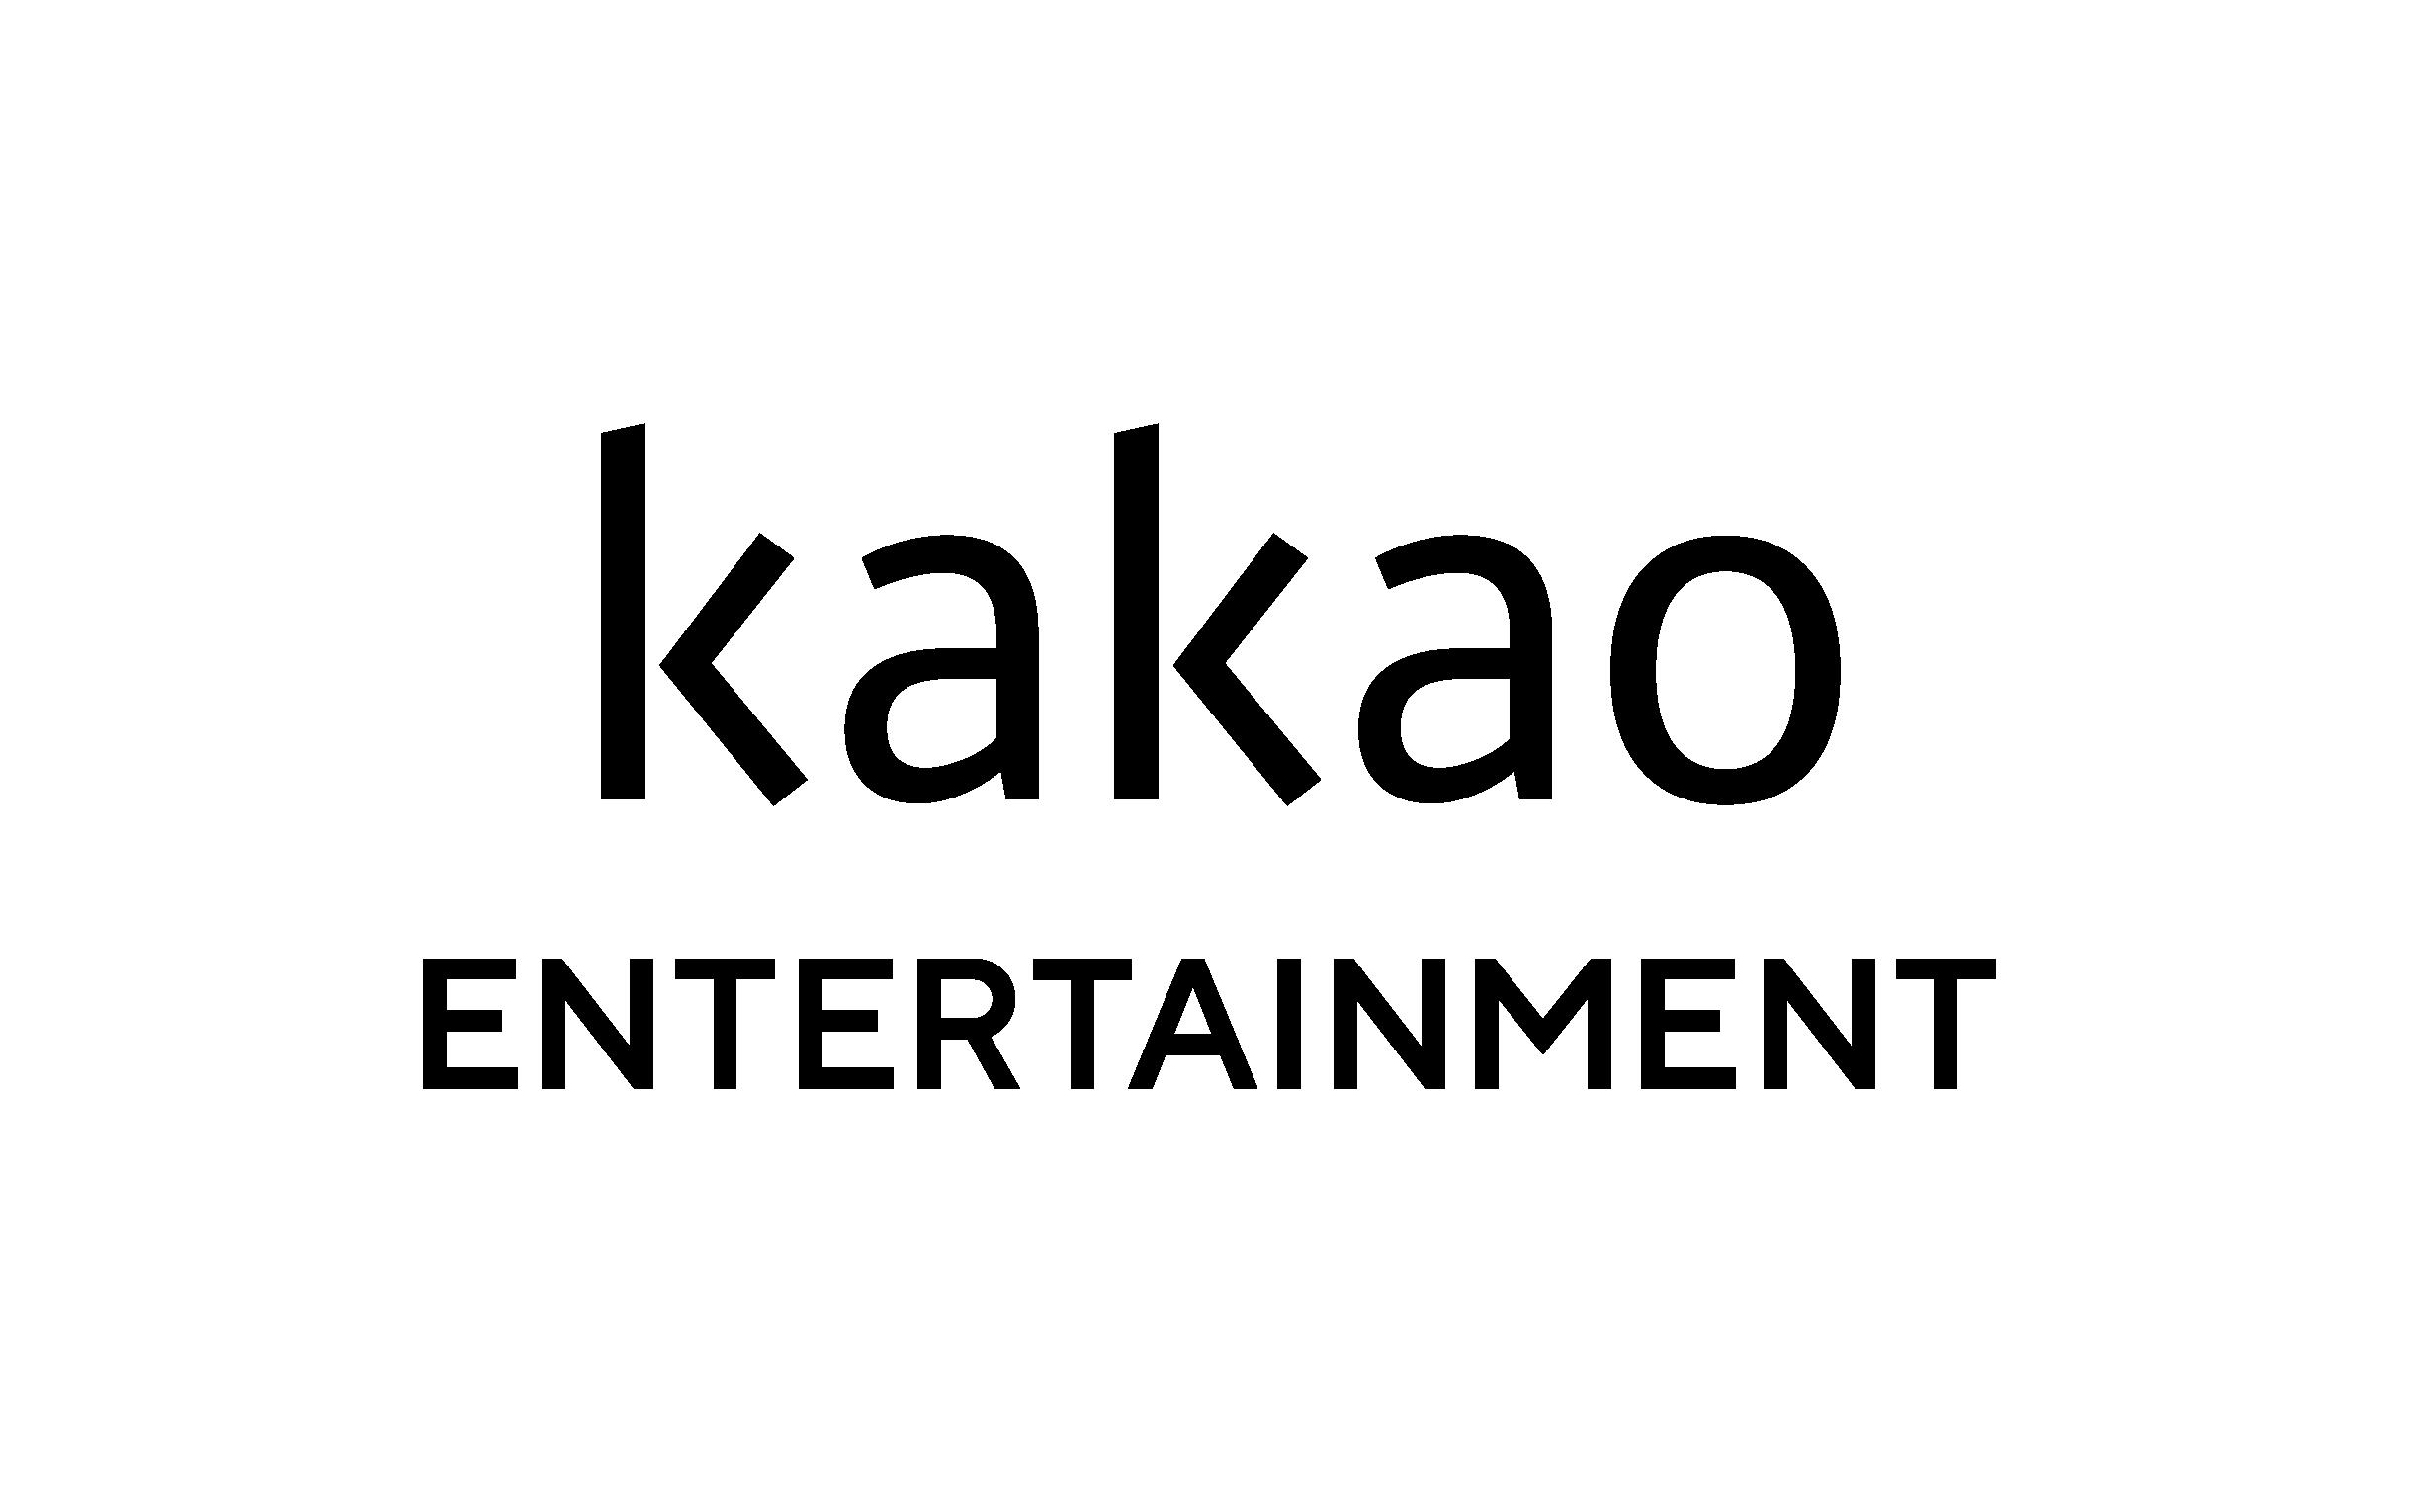 카카오의 계열사 (주)카카오엔터테인먼트의 로고